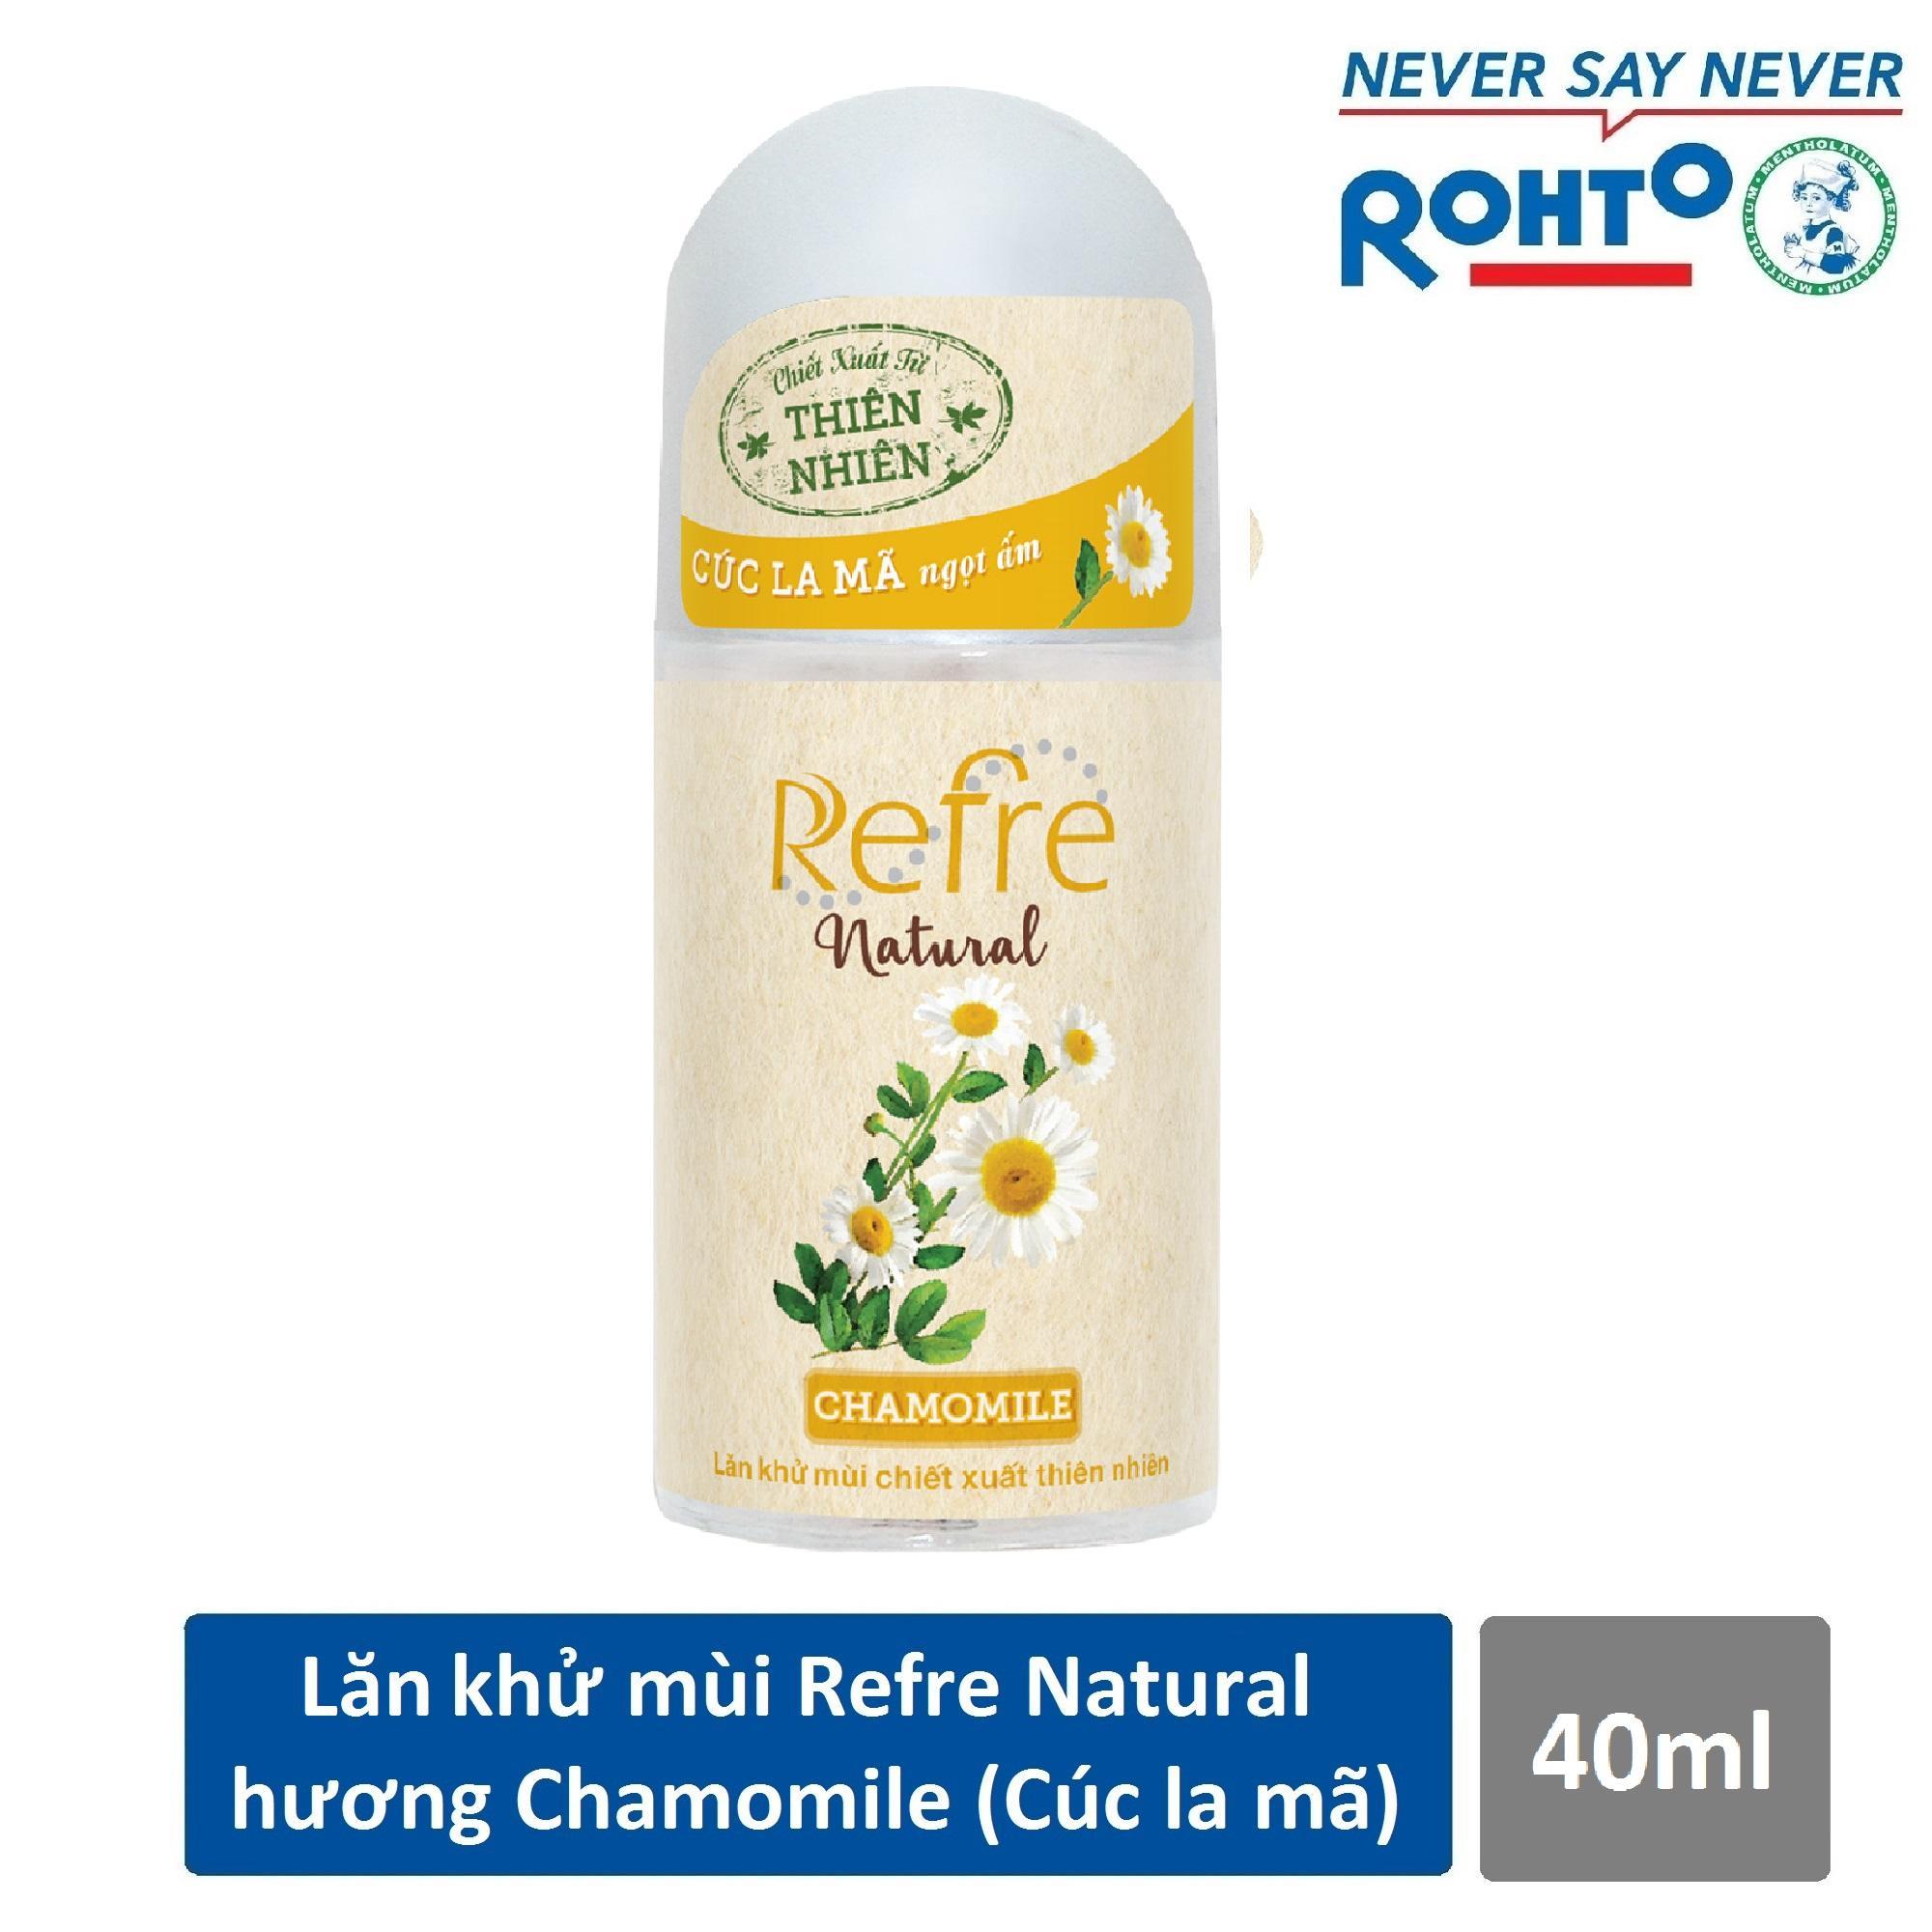 Lăn khử mùi Refre Natural Chamomile Hương Cúc La Mã 40ml chính hãng